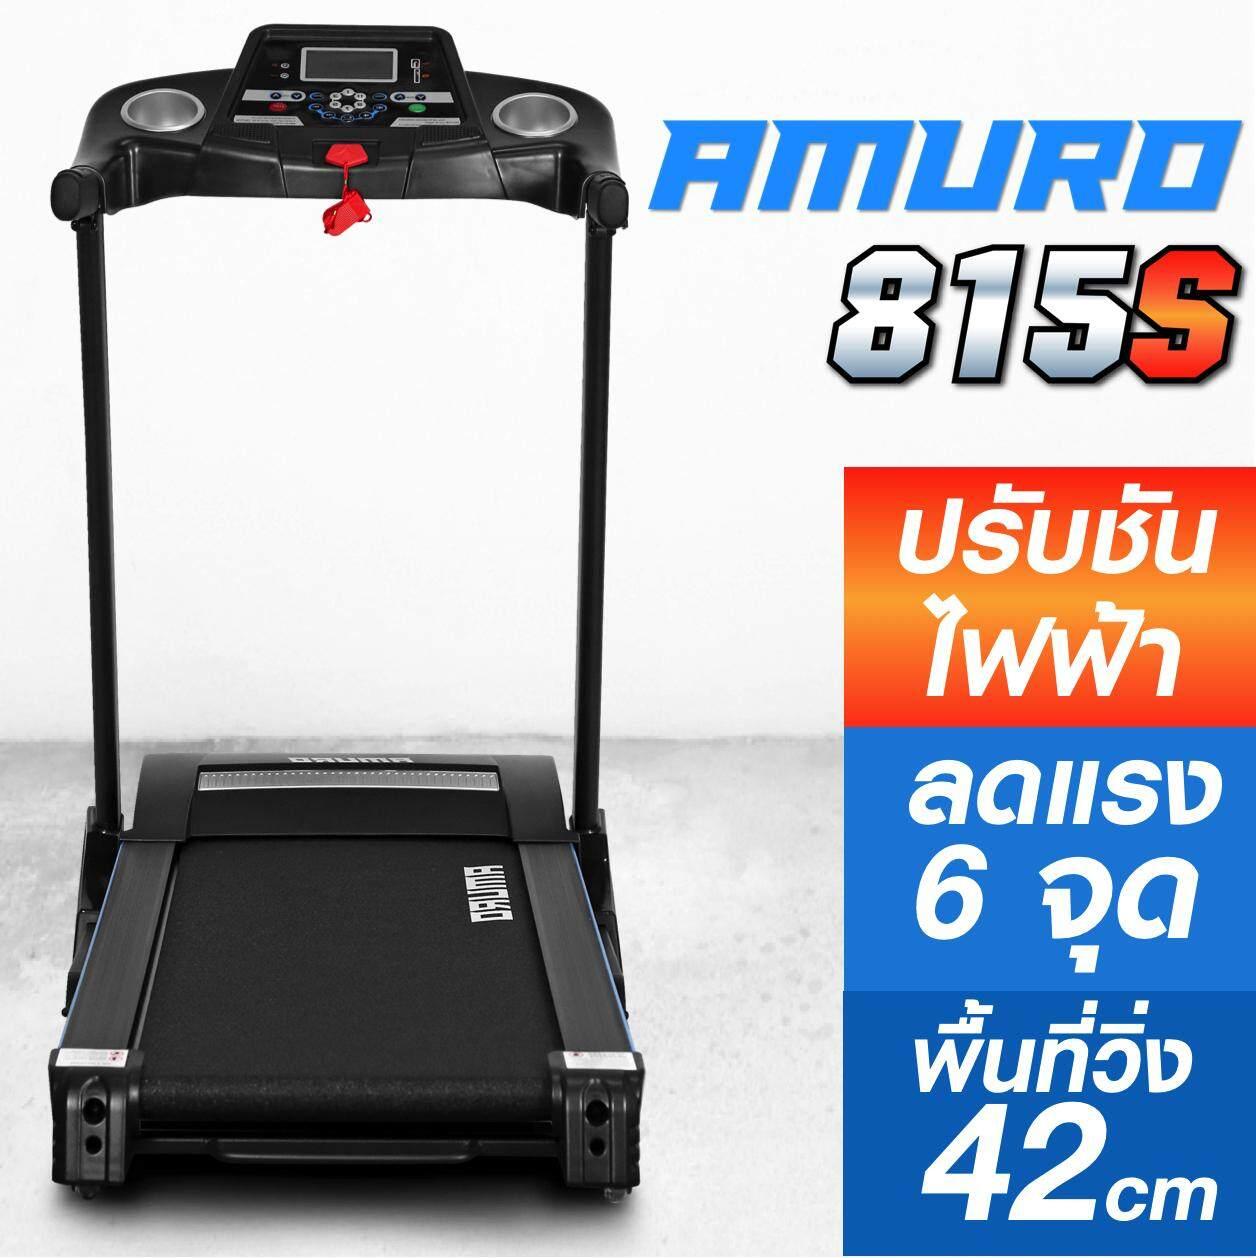 AMURO ลู่วิ่งไฟฟ้า 2.5 แรงม้า รุ่น 815S ปรับความชันอัตโนมัติด้วยไฟฟ้า 15 ระดับ + ที่ซับแรงกระแทก 6 จุด วิ่งสบาย วิ่งสนุก